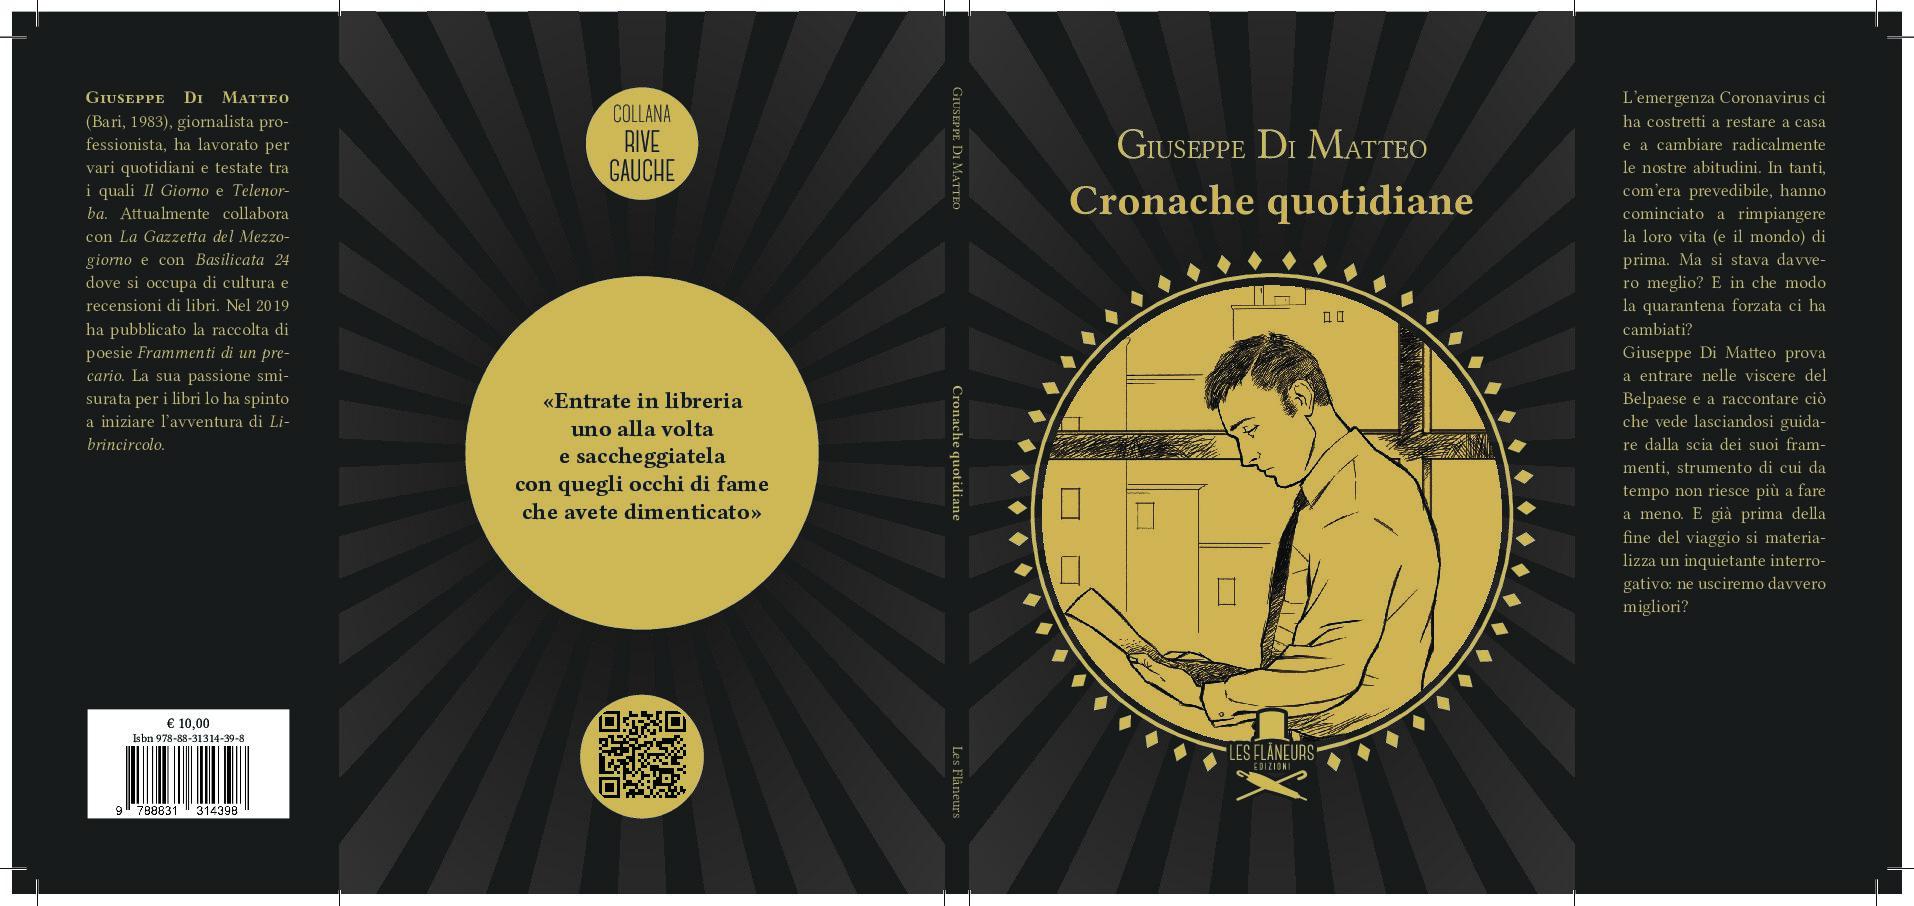 'Cronache quotidiane' di Giuseppe di Matteo: un caleidoscopio dalle mille sfaccettature